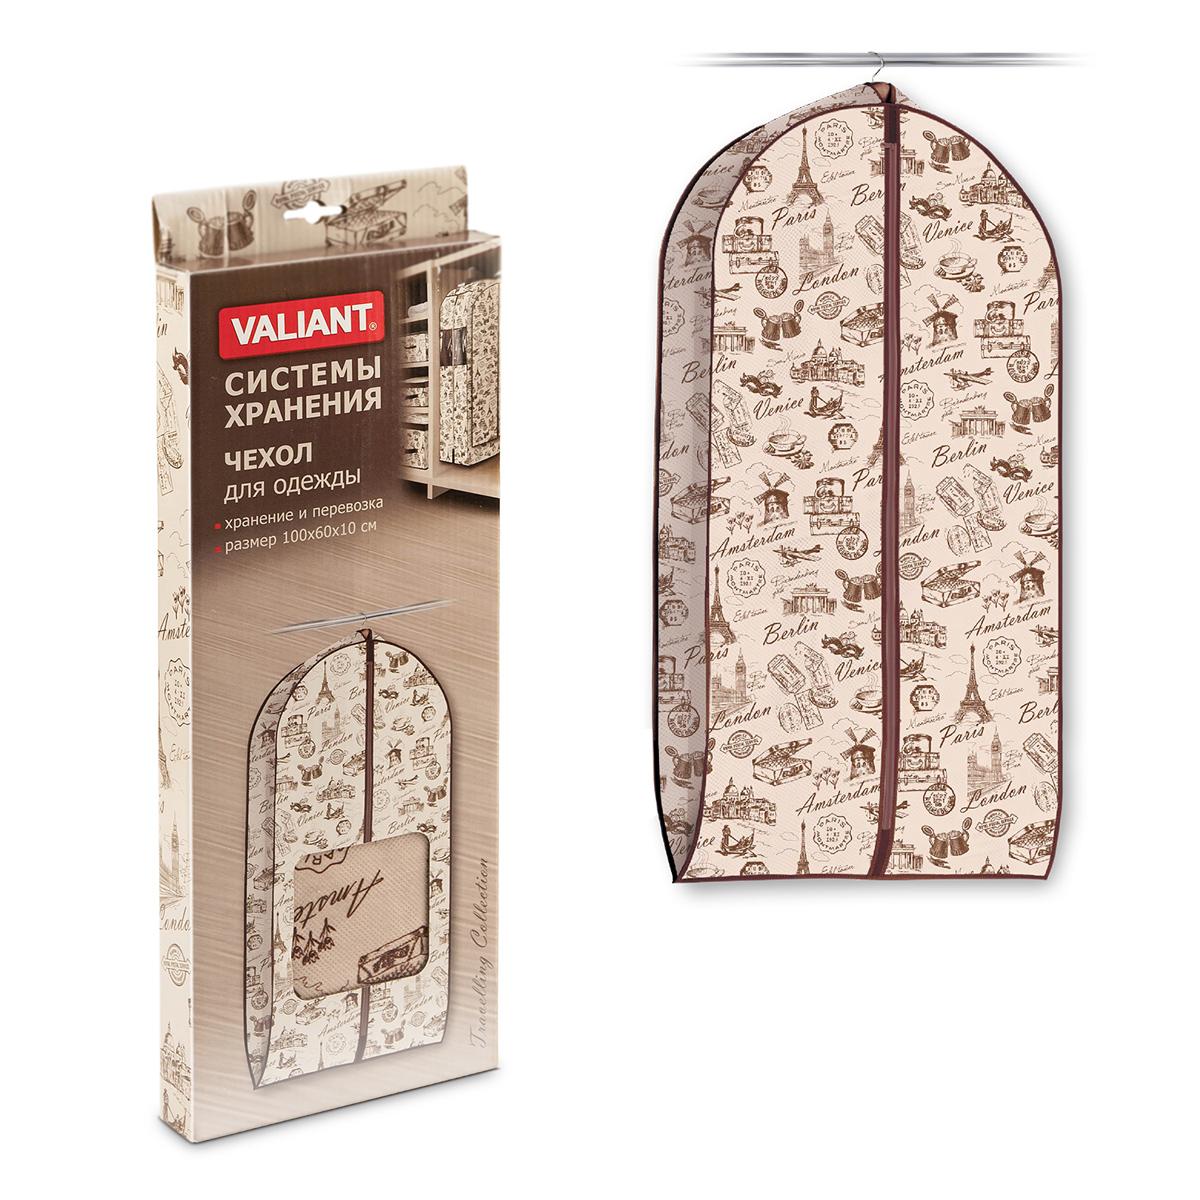 Чехол для одежды Valiant Travelling, объемный, 60 см х 100 см х 10 см16050Чехол для одежды Valiant Travelling изготовлен из высококачественного нетканого материала (спанбонда), который обеспечивает естественную вентиляцию, позволяя воздуху проникать внутрь, но не пропускает пыль. Чехол очень удобен в использовании. Наличие боковой вставки увеличивает объем чехла, что позволяет хранить крупные объемные вещи. Чехол легко открывается и закрывается застежкой-молнией. Идеально подойдет для транспортировки и хранения одежды. Оригинальный дизайн погружает в атмосферу путешествий по разным городам и странам.Системы хранения в едином дизайне сделают вашу гардеробную изысканной и невероятно стильной.